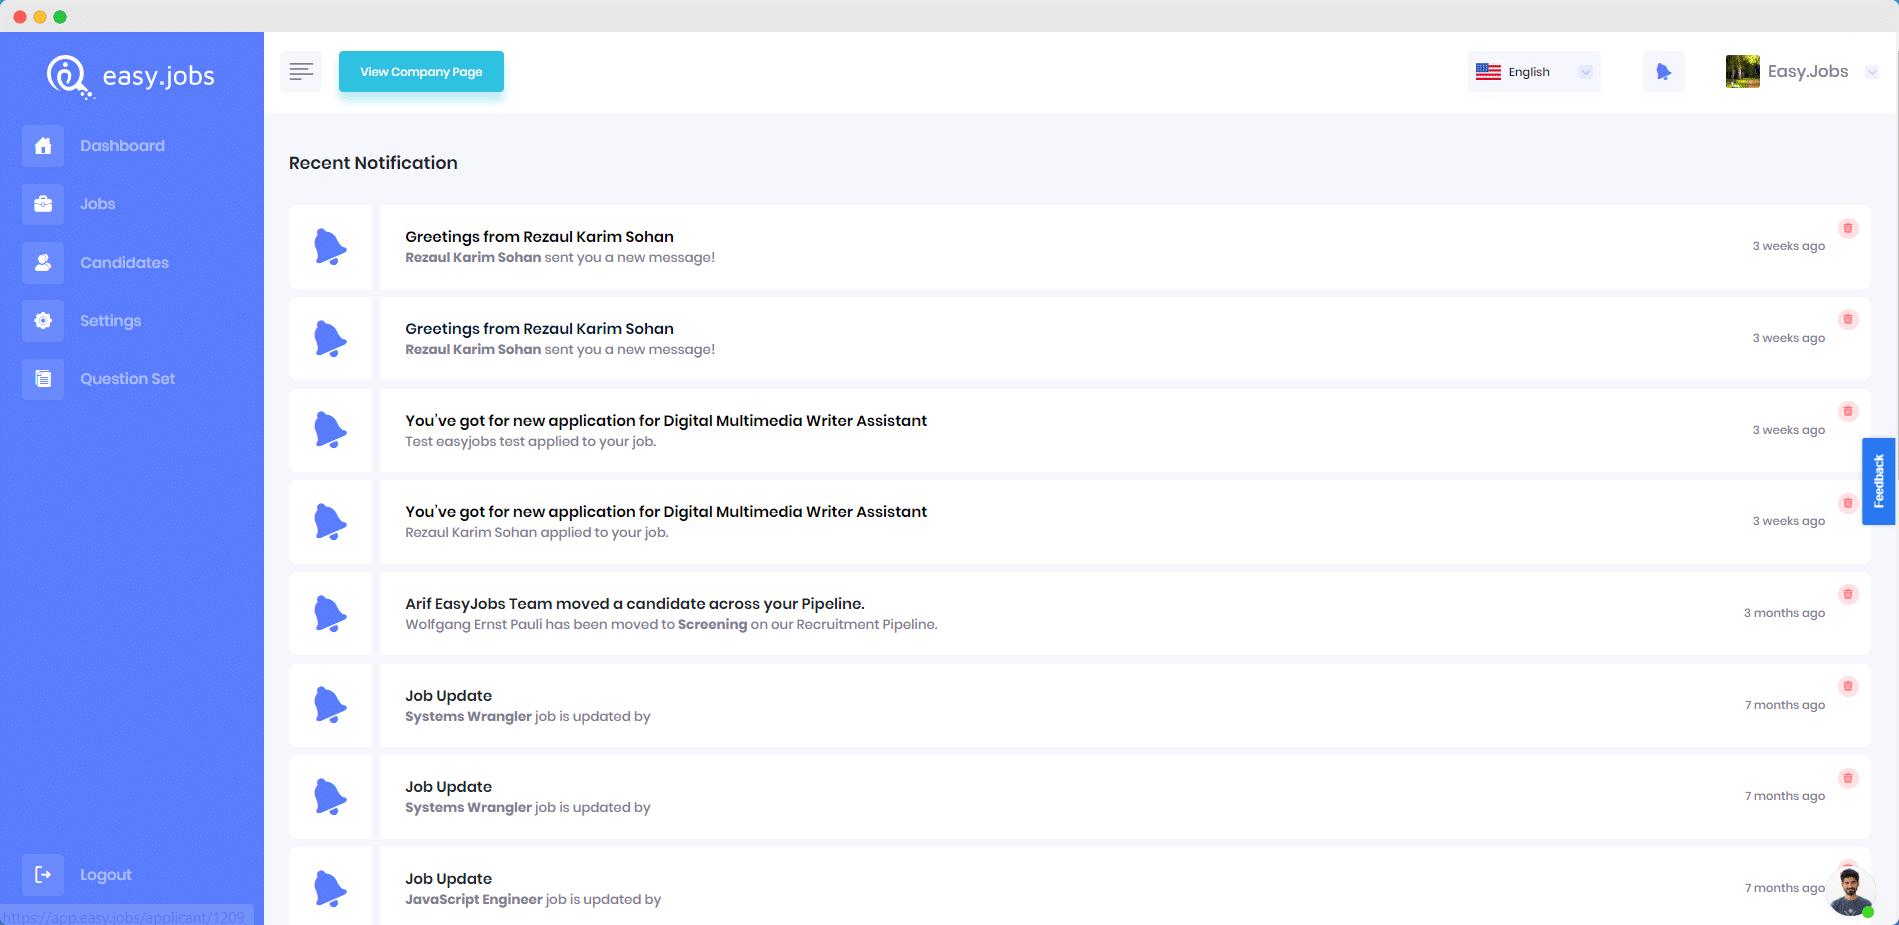 ¿Cómo verificar todas sus notificaciones en Easy.Jobs? 2